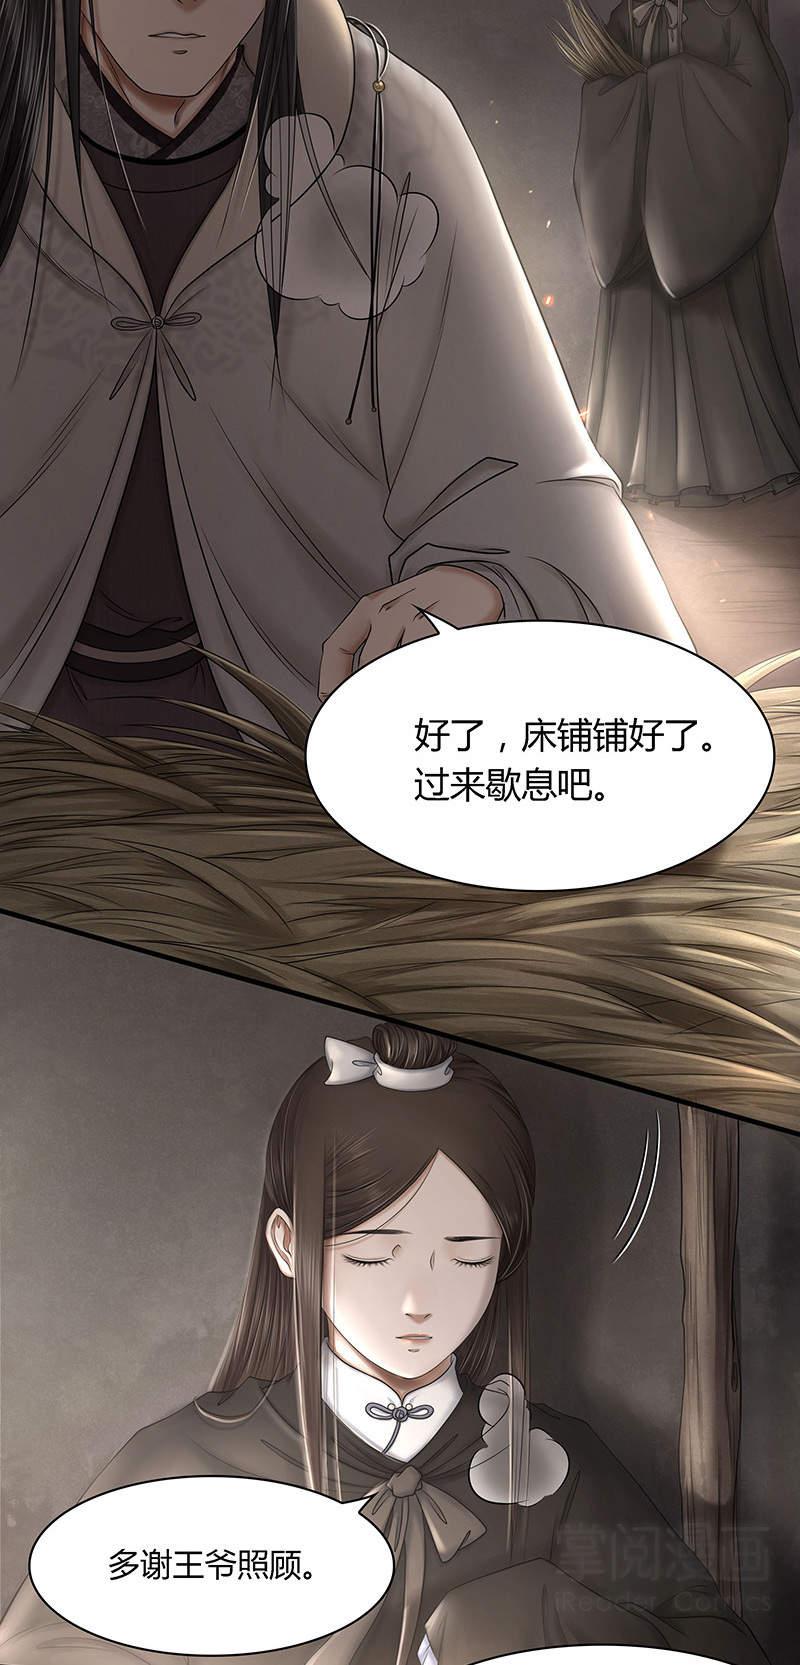 画骨女仵作第55话  夜话 第 5